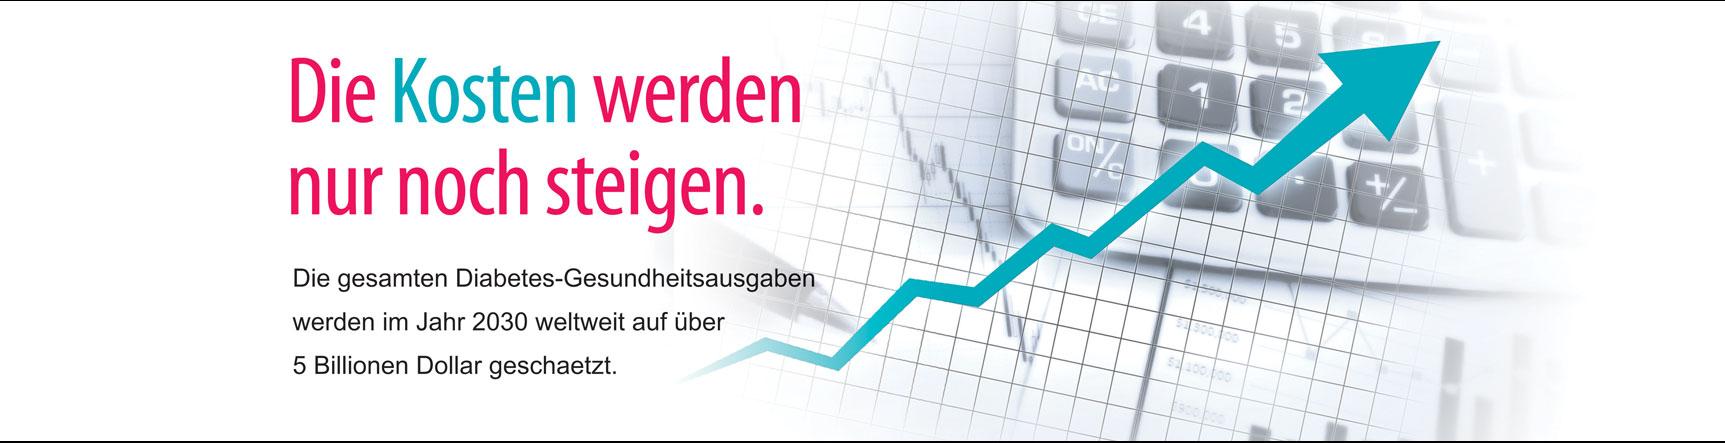 CellMedX_SlidesGermanFINAL-8